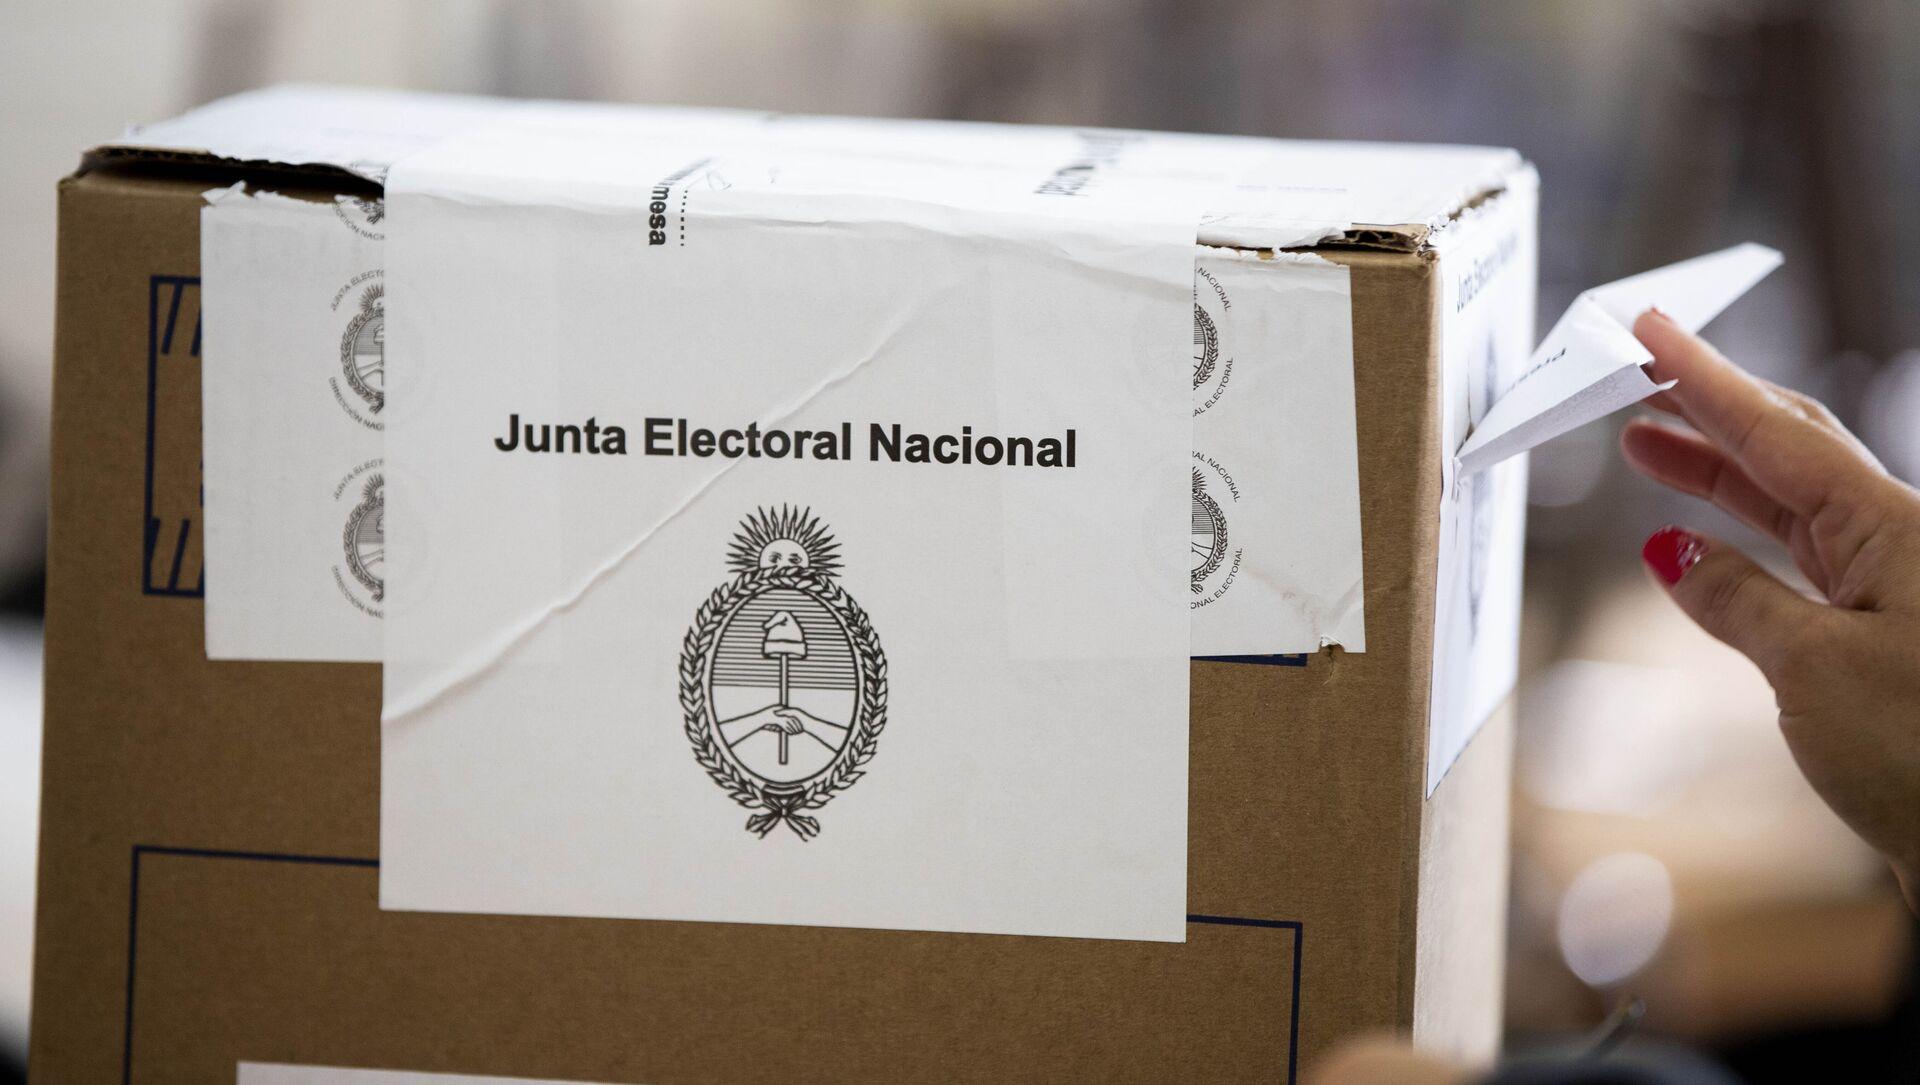 Elecciones en Argentina - Sputnik Mundo, 1920, 21.12.2020